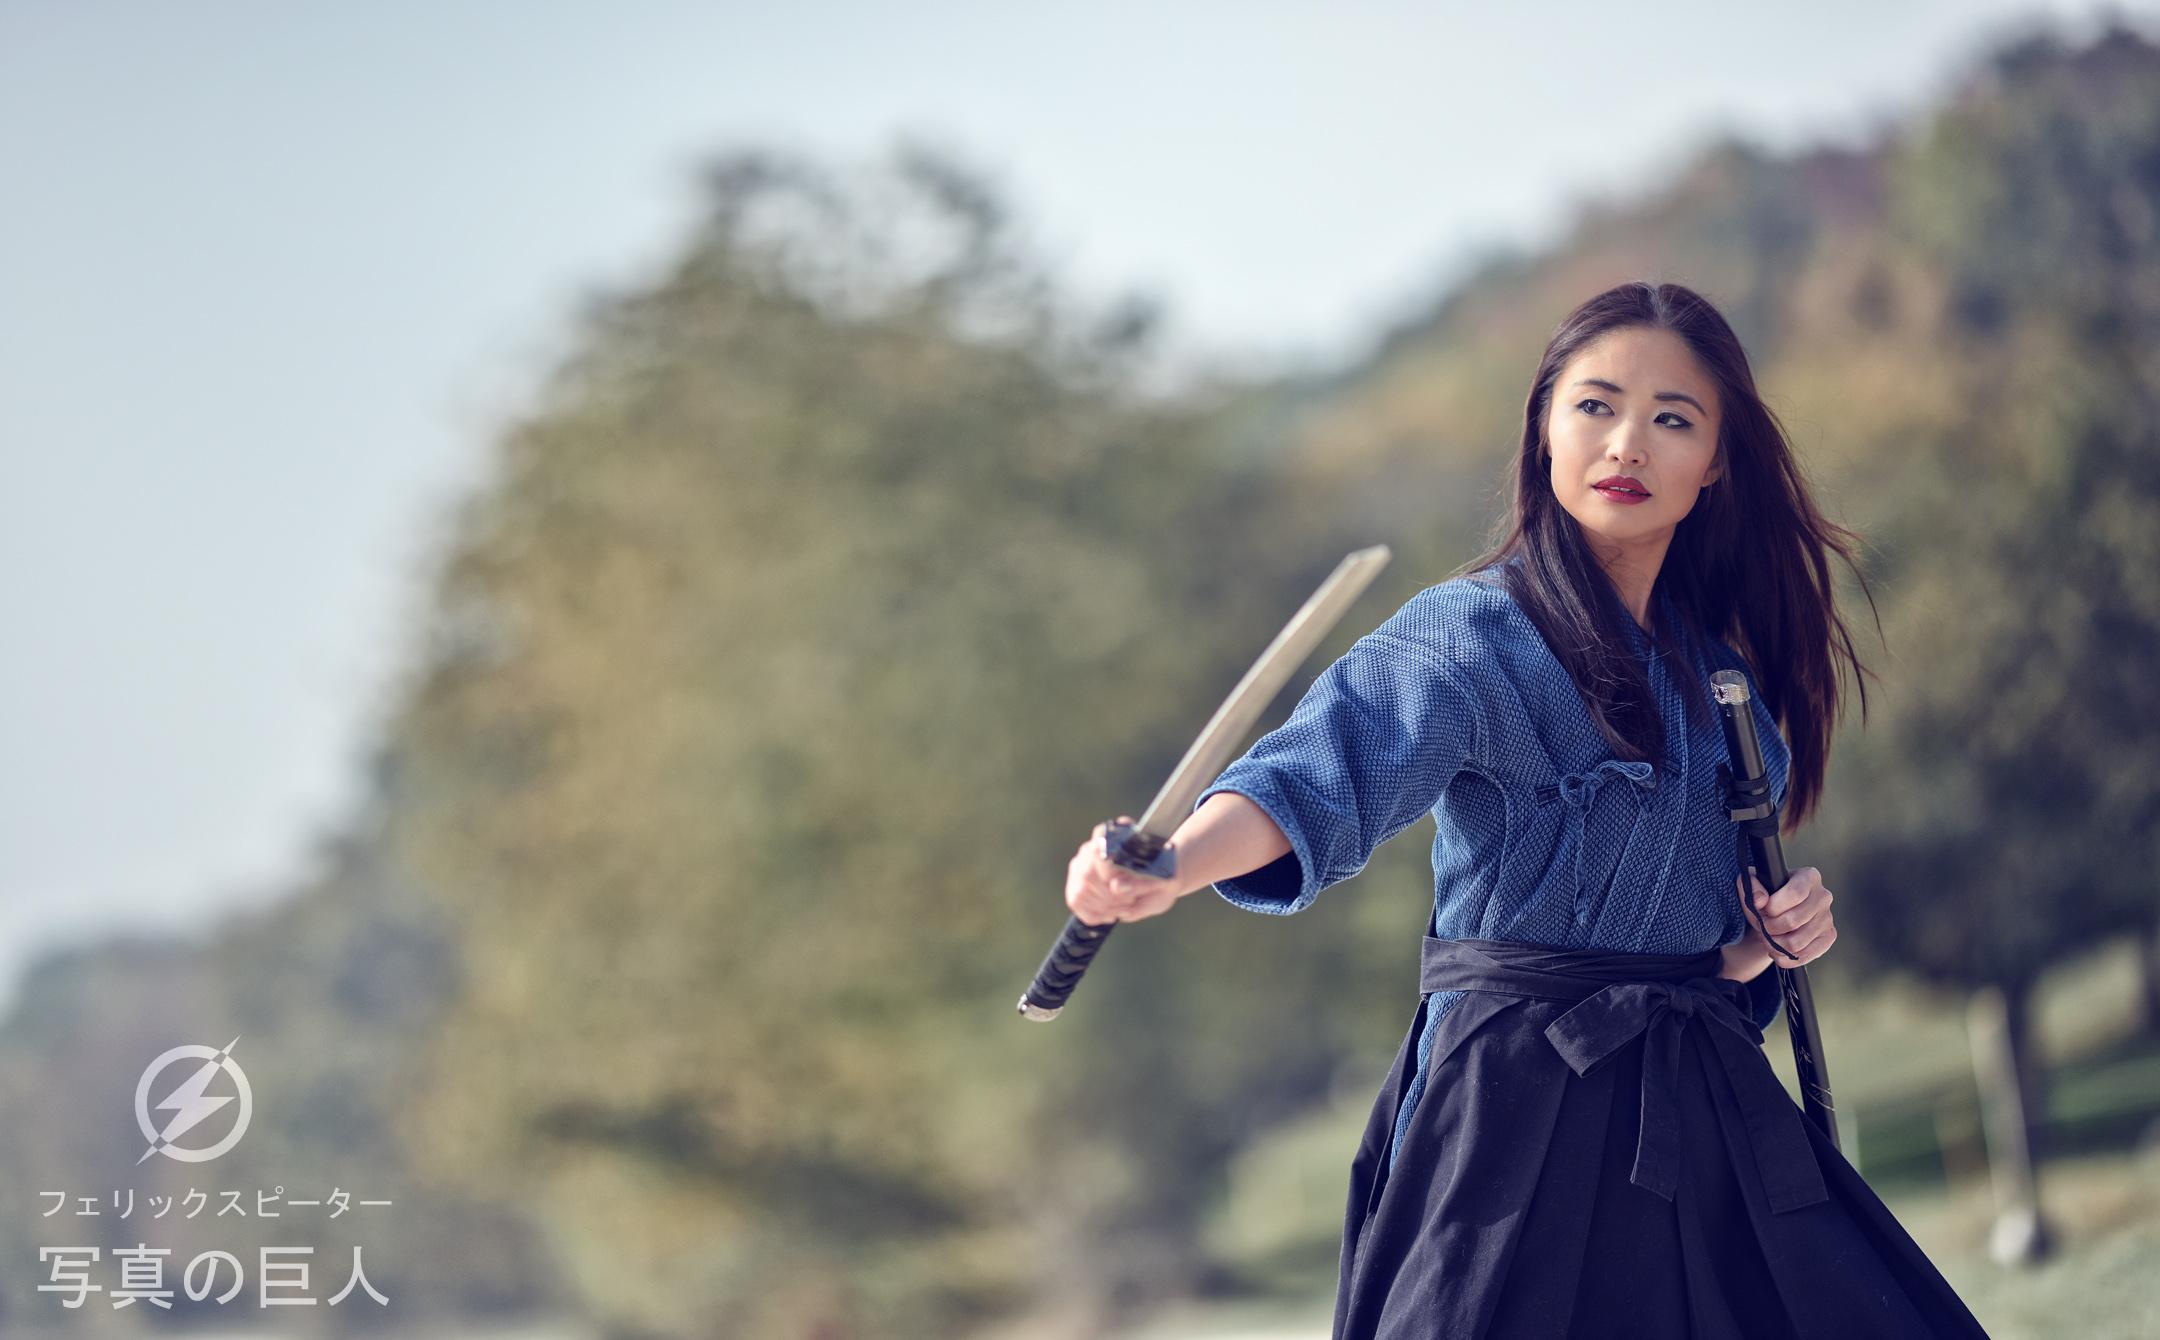 Japanese_Samurai_YuWi_FotoGigant_1.jpg